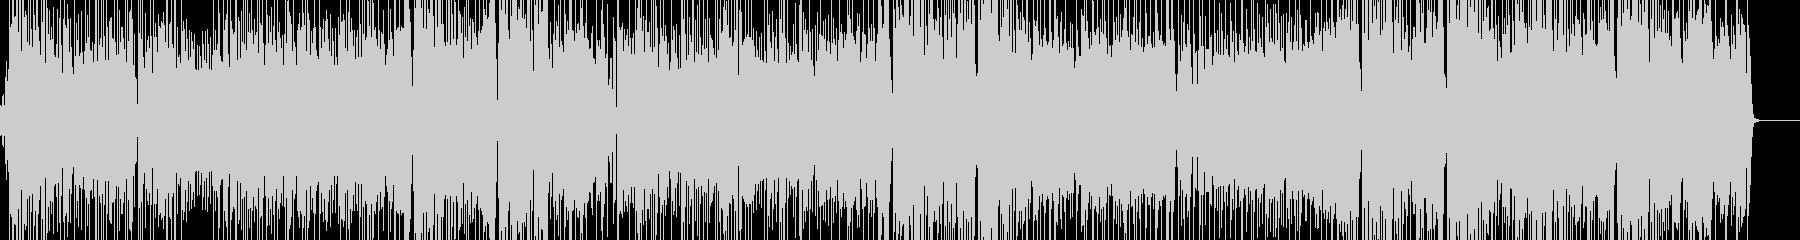 アップテンポでジャジーなポップスの未再生の波形